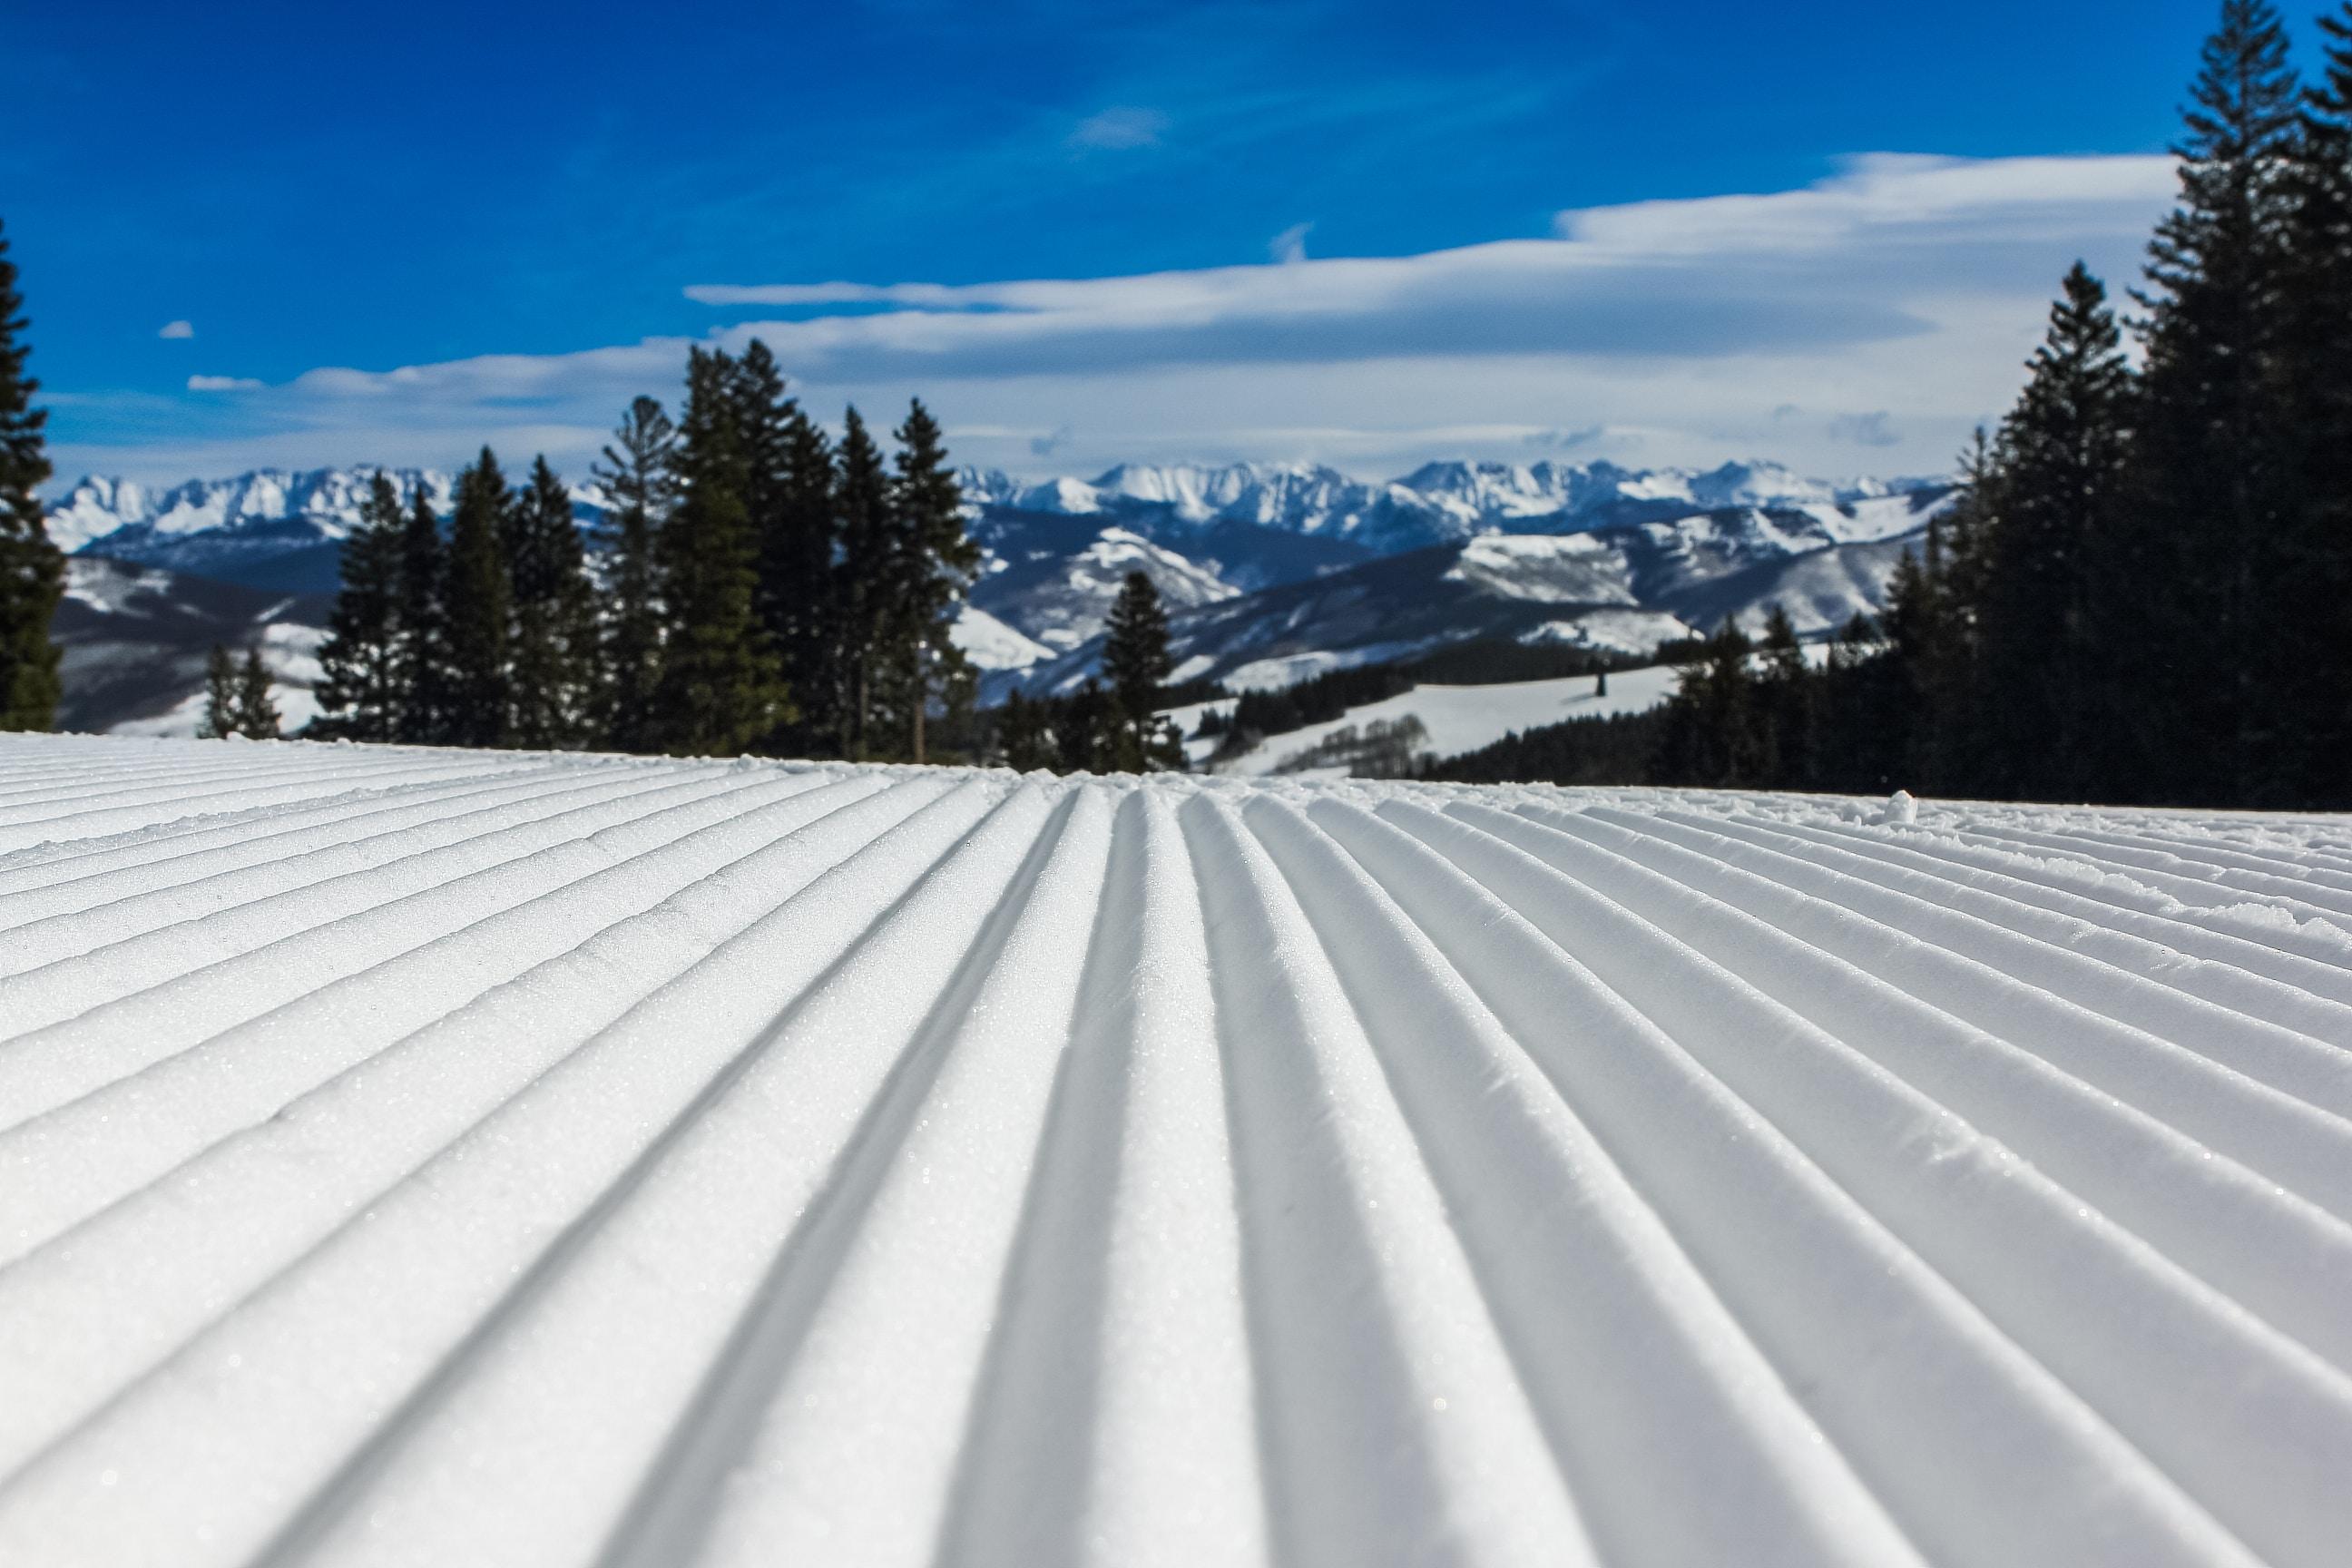 white corrugated metal sheet at daytime